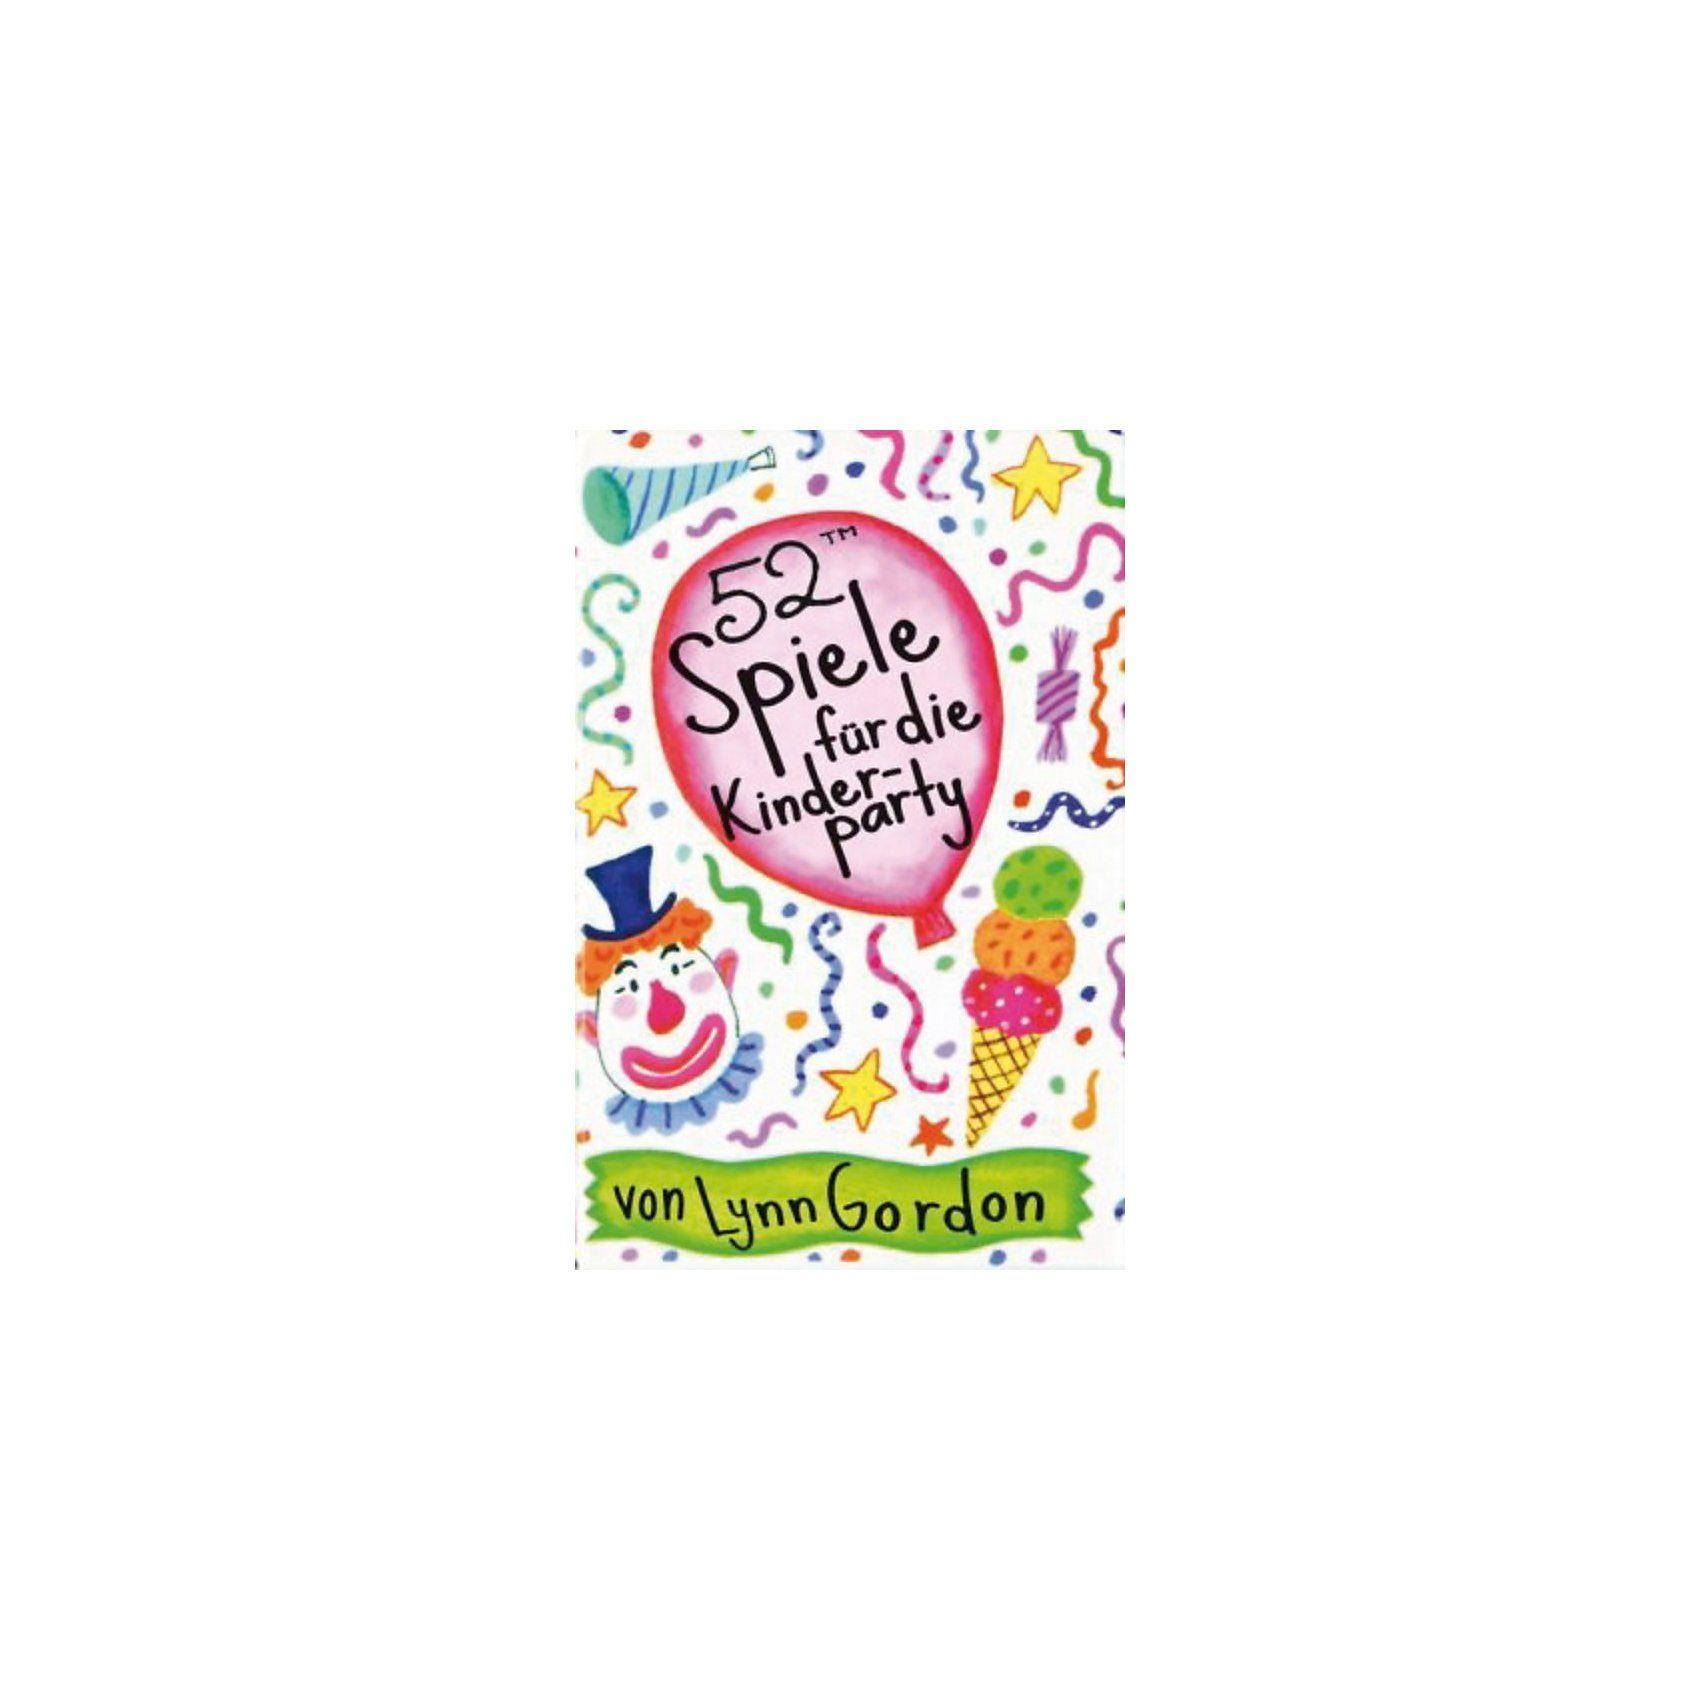 Kunstmann Verlag 52 Spiele für die Kinderparty